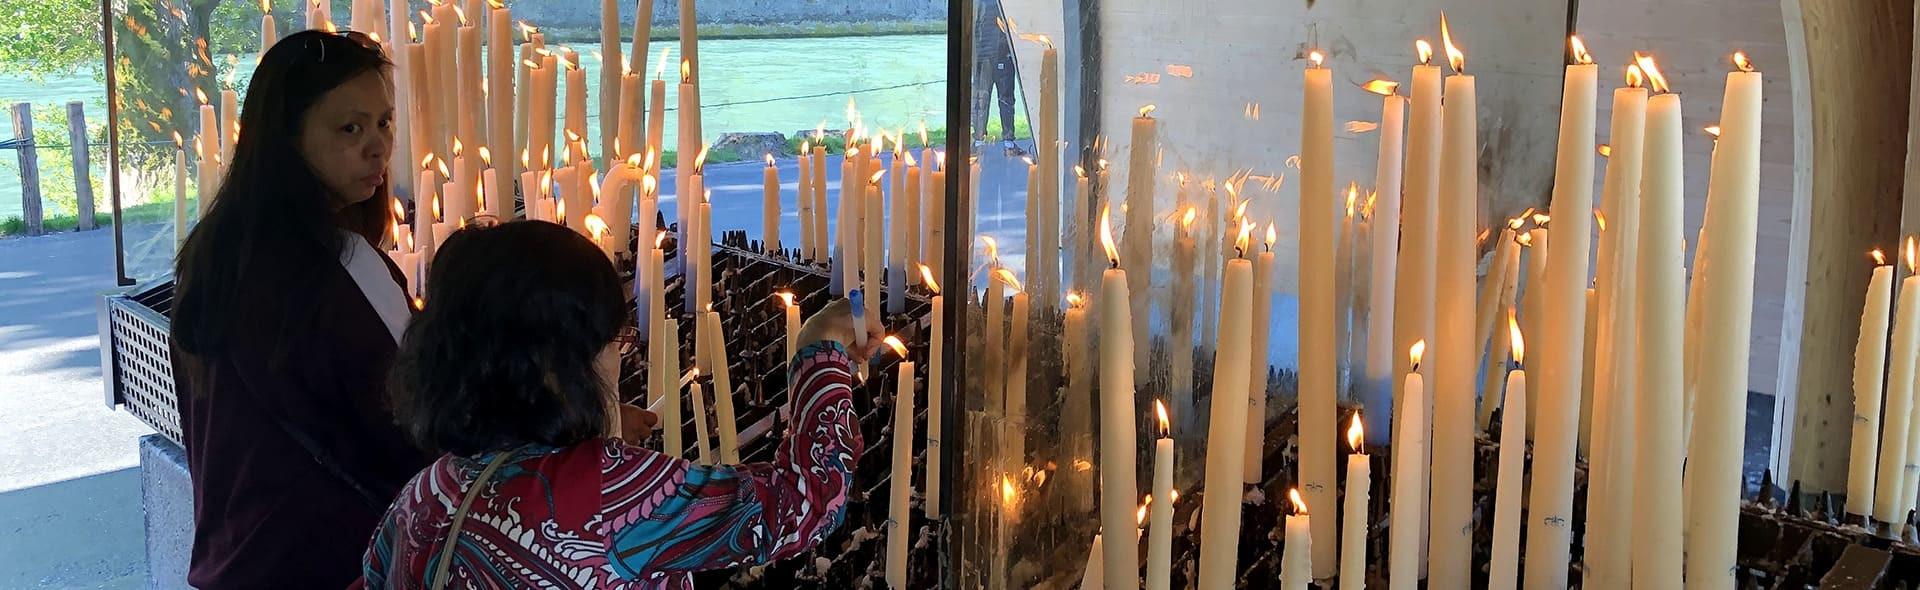 Viaggio a Lourdes in Aereo da Roma Capodanno